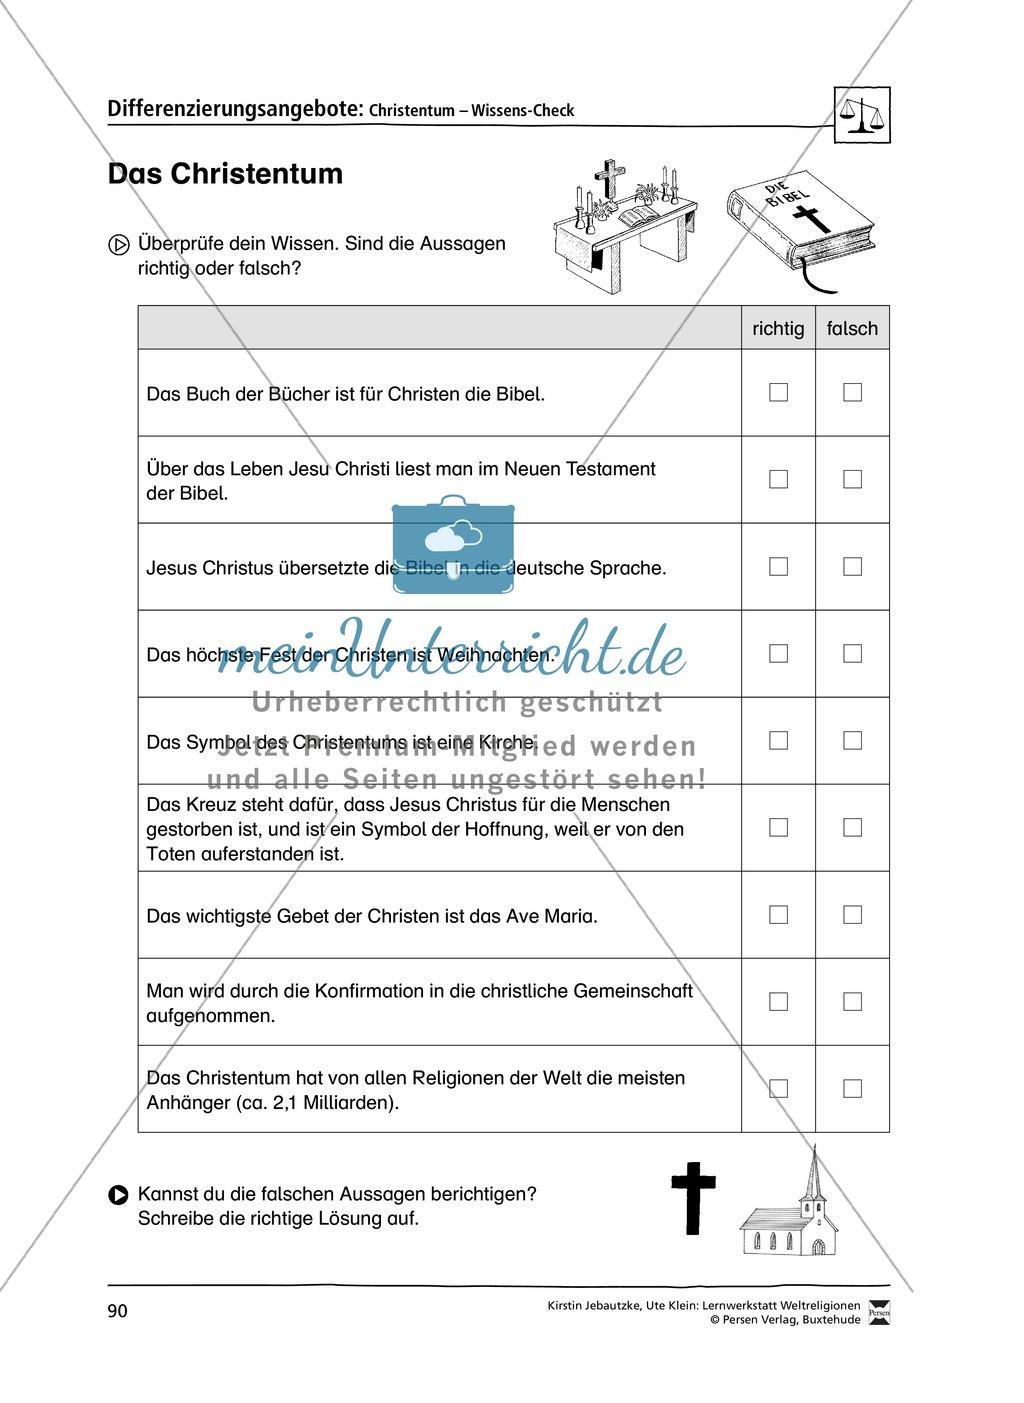 Lernwerkstatt zu den Weltreligionen Judentum, Christentum und Islam Preview 5